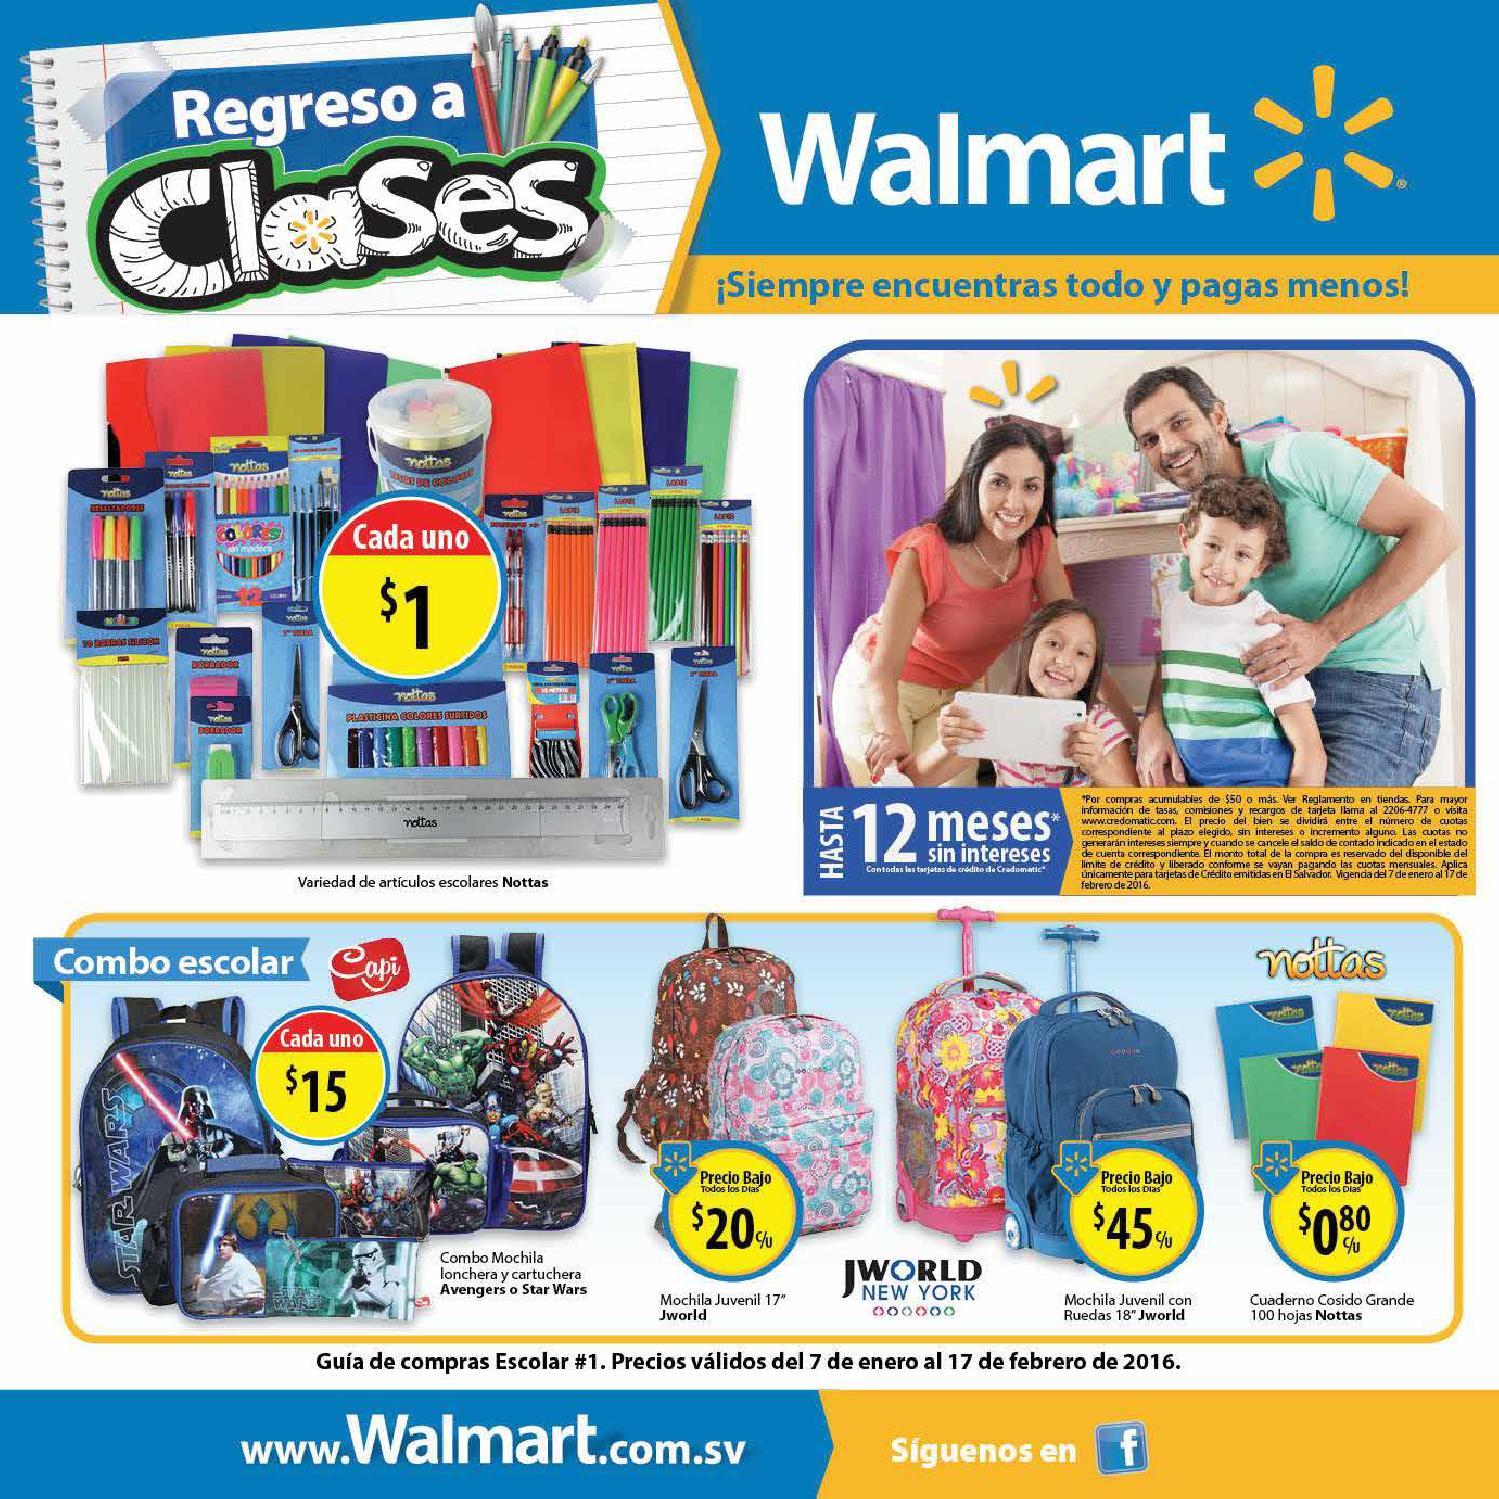 Walmart folleto nuemro 1 actualizado enero 2016 ofertas for El mundo del mueble catalogo